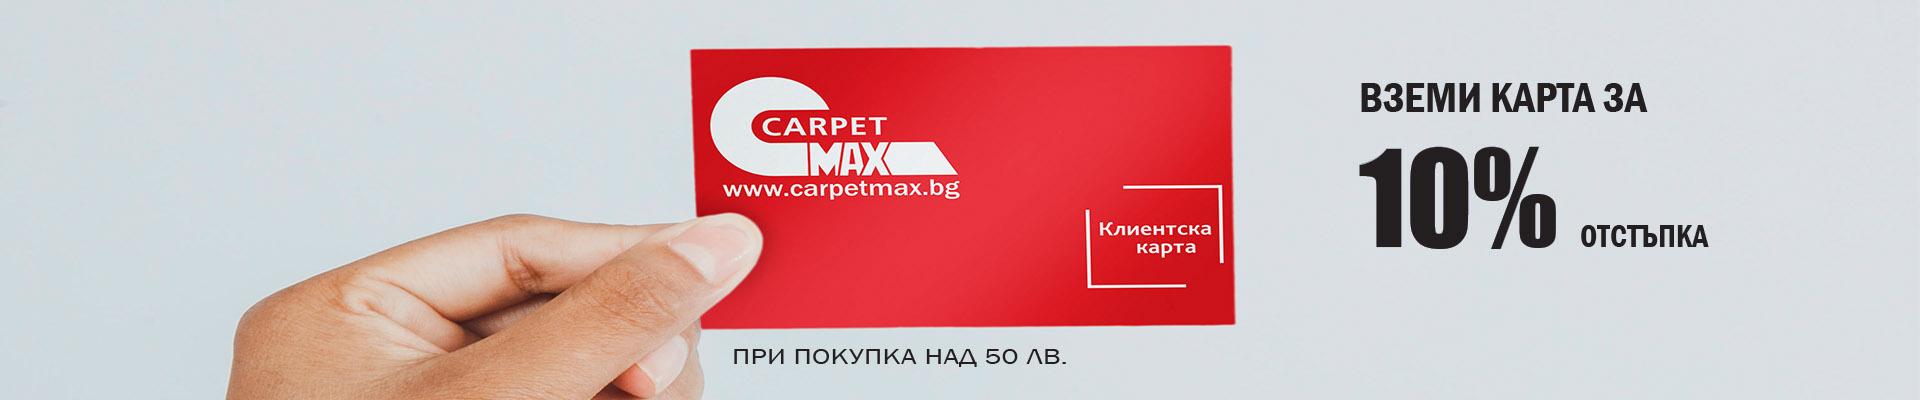 Клиентски карти -10%